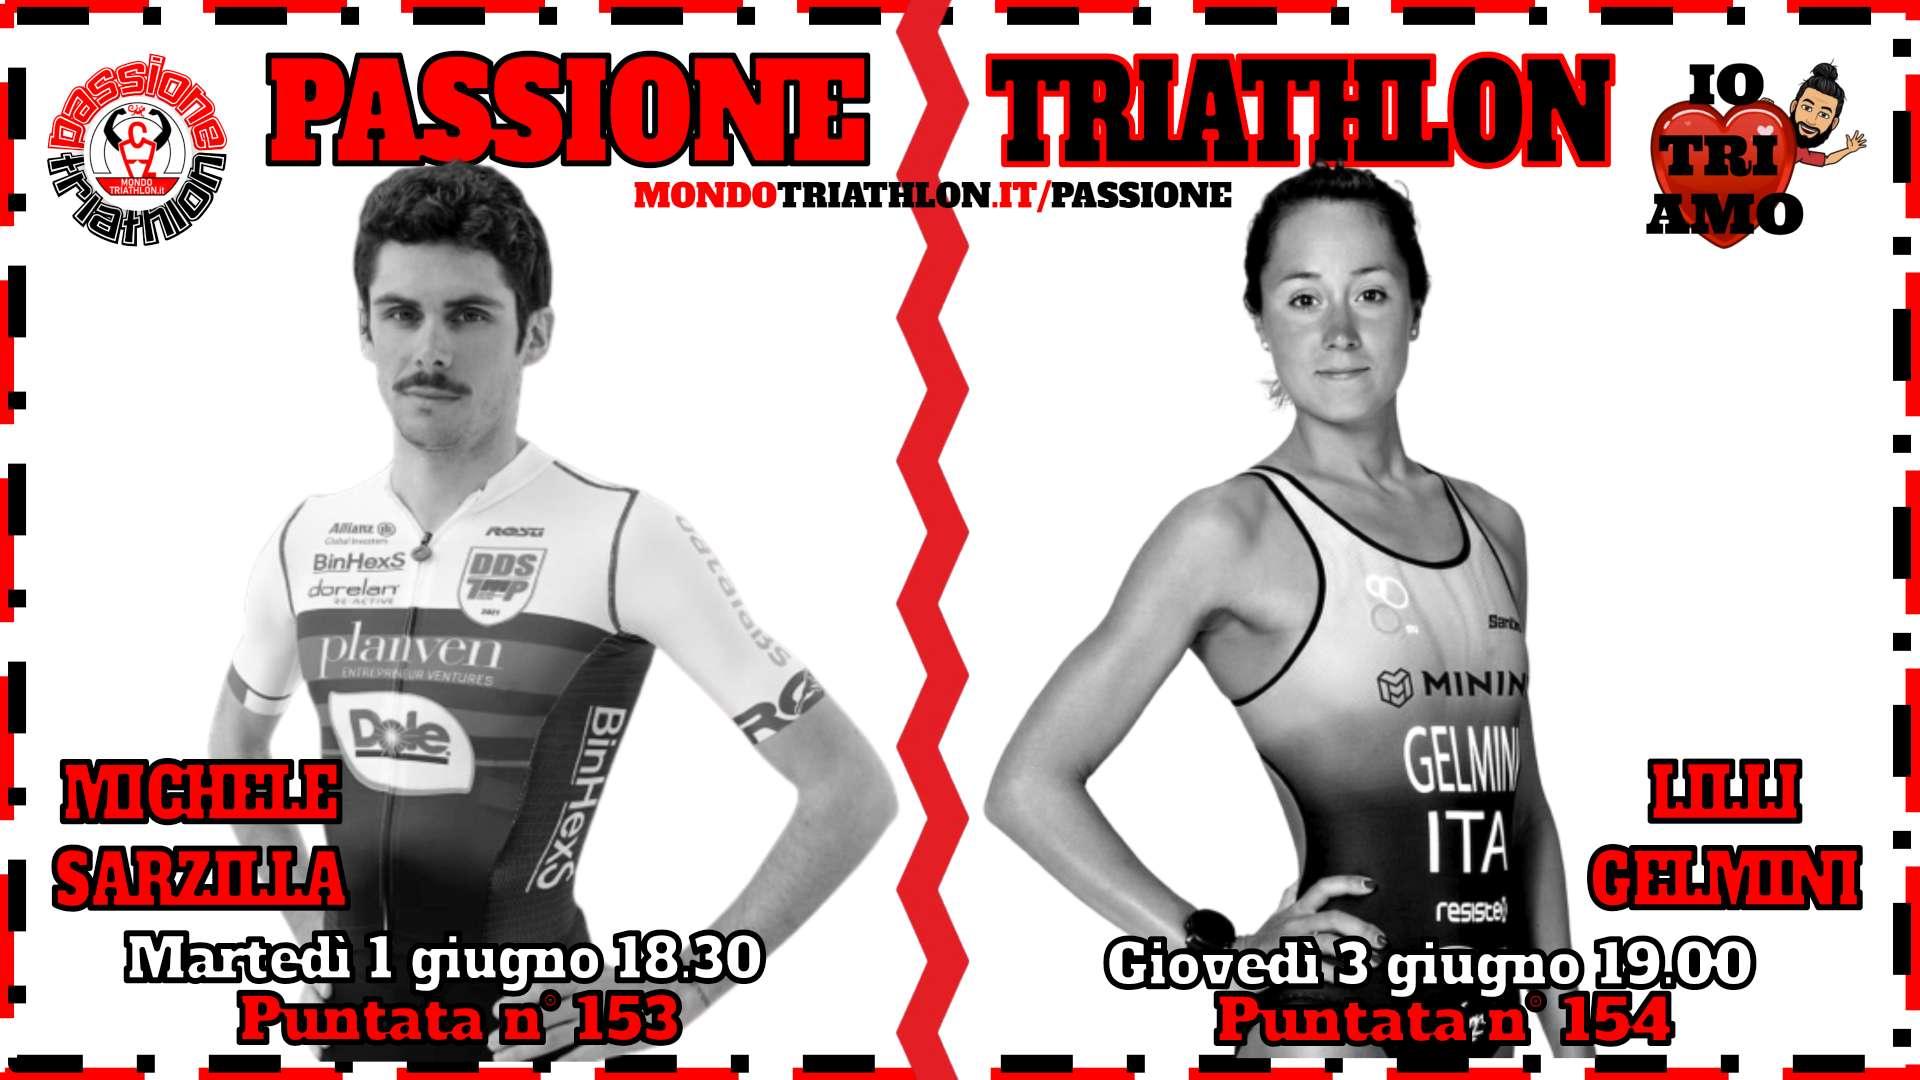 Passione Triathlon Protagonisti 1 e 3 giugno 2021